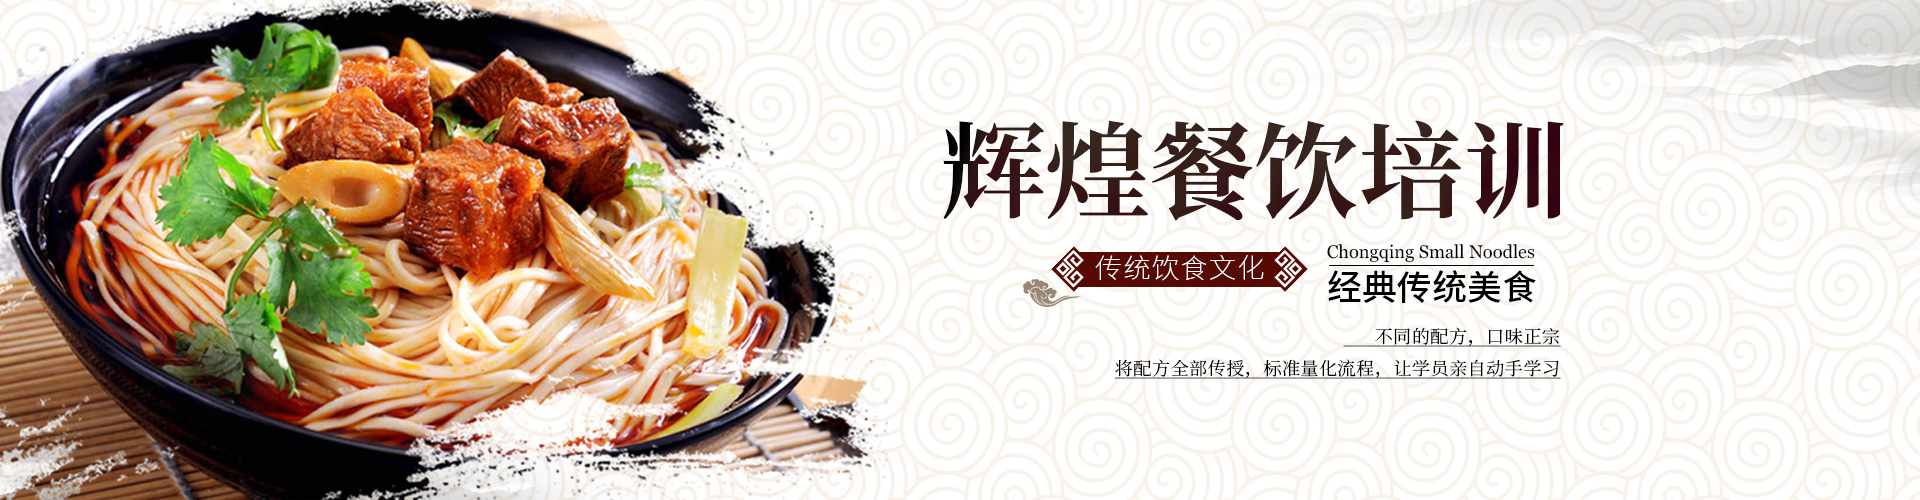 重庆餐饮培训